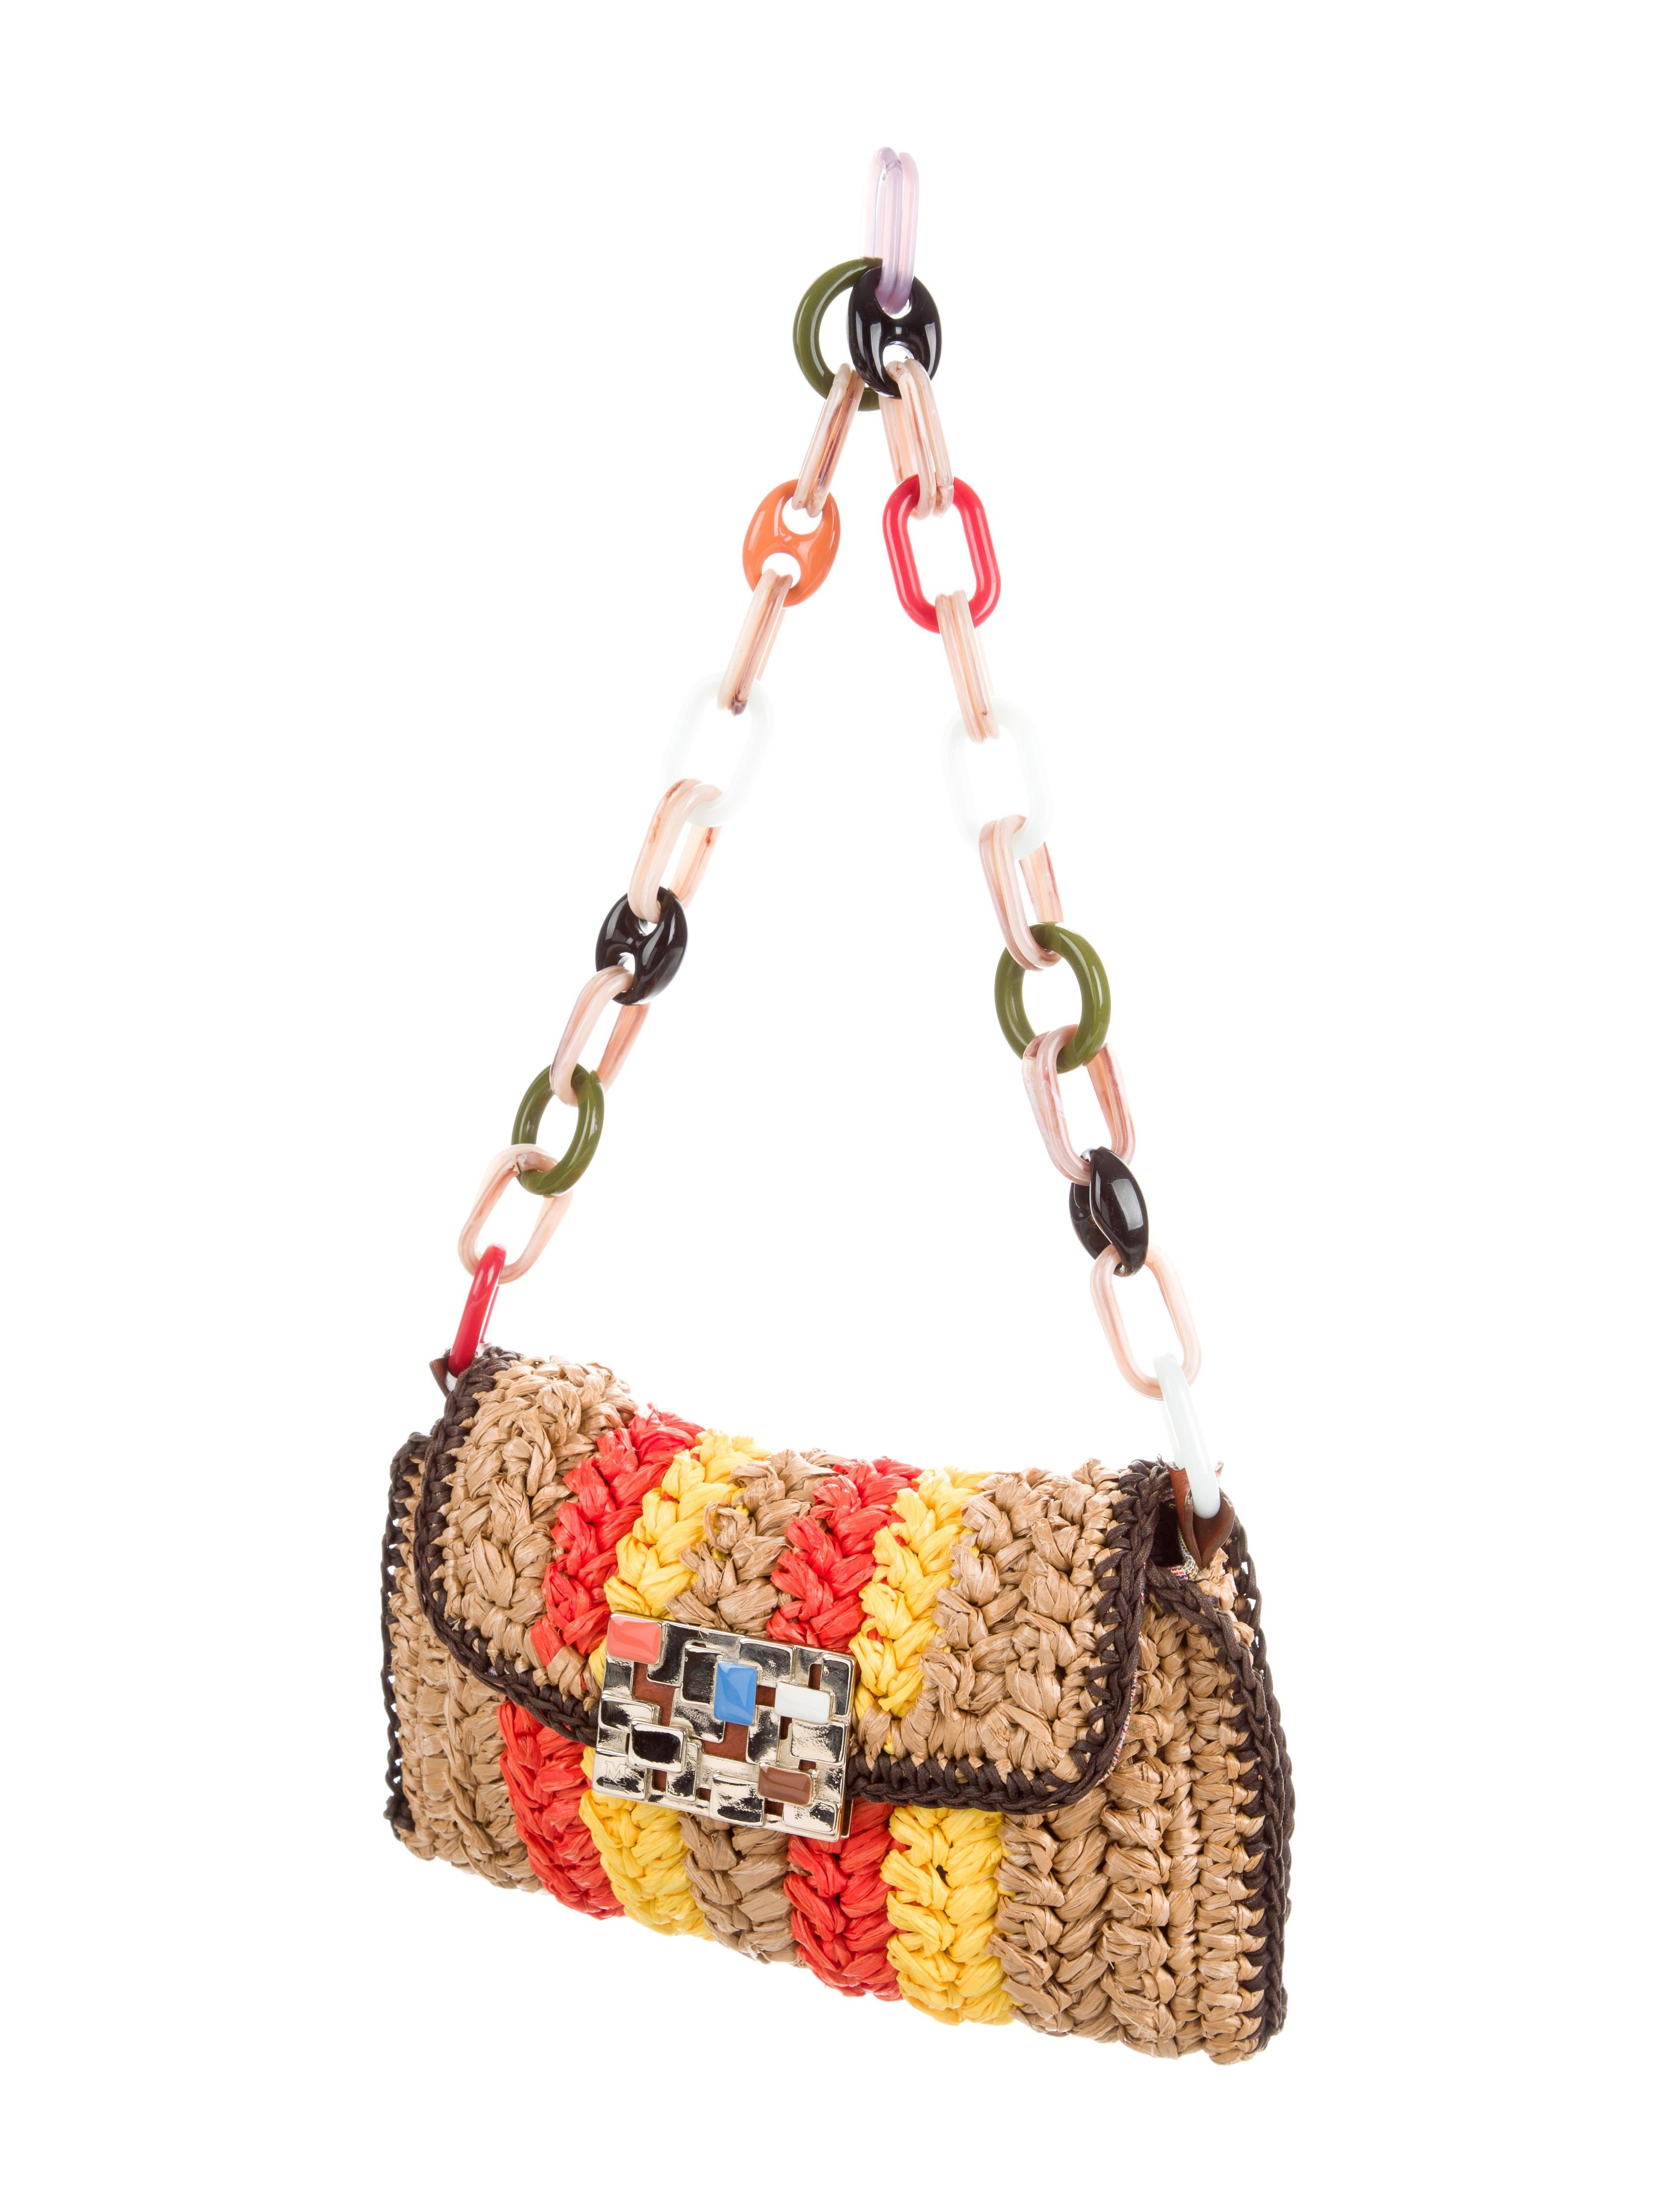 M Missoni Raffia Shoulder Bag Handbags Wm440236 The